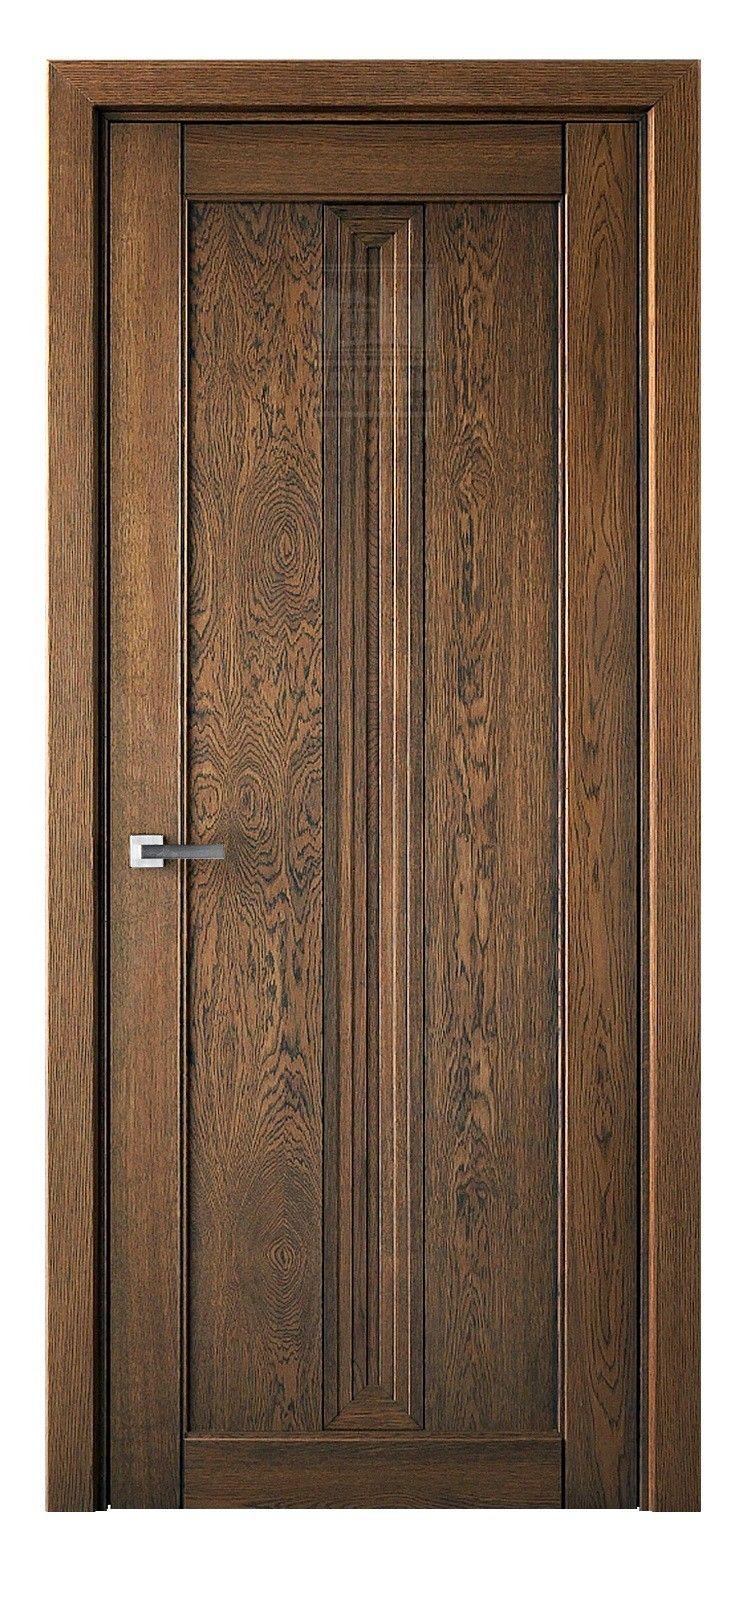 Arazzinni Ego E6121 Interior Door Light Oak Black Interior Doors Doors Interior Doors Interior Modern